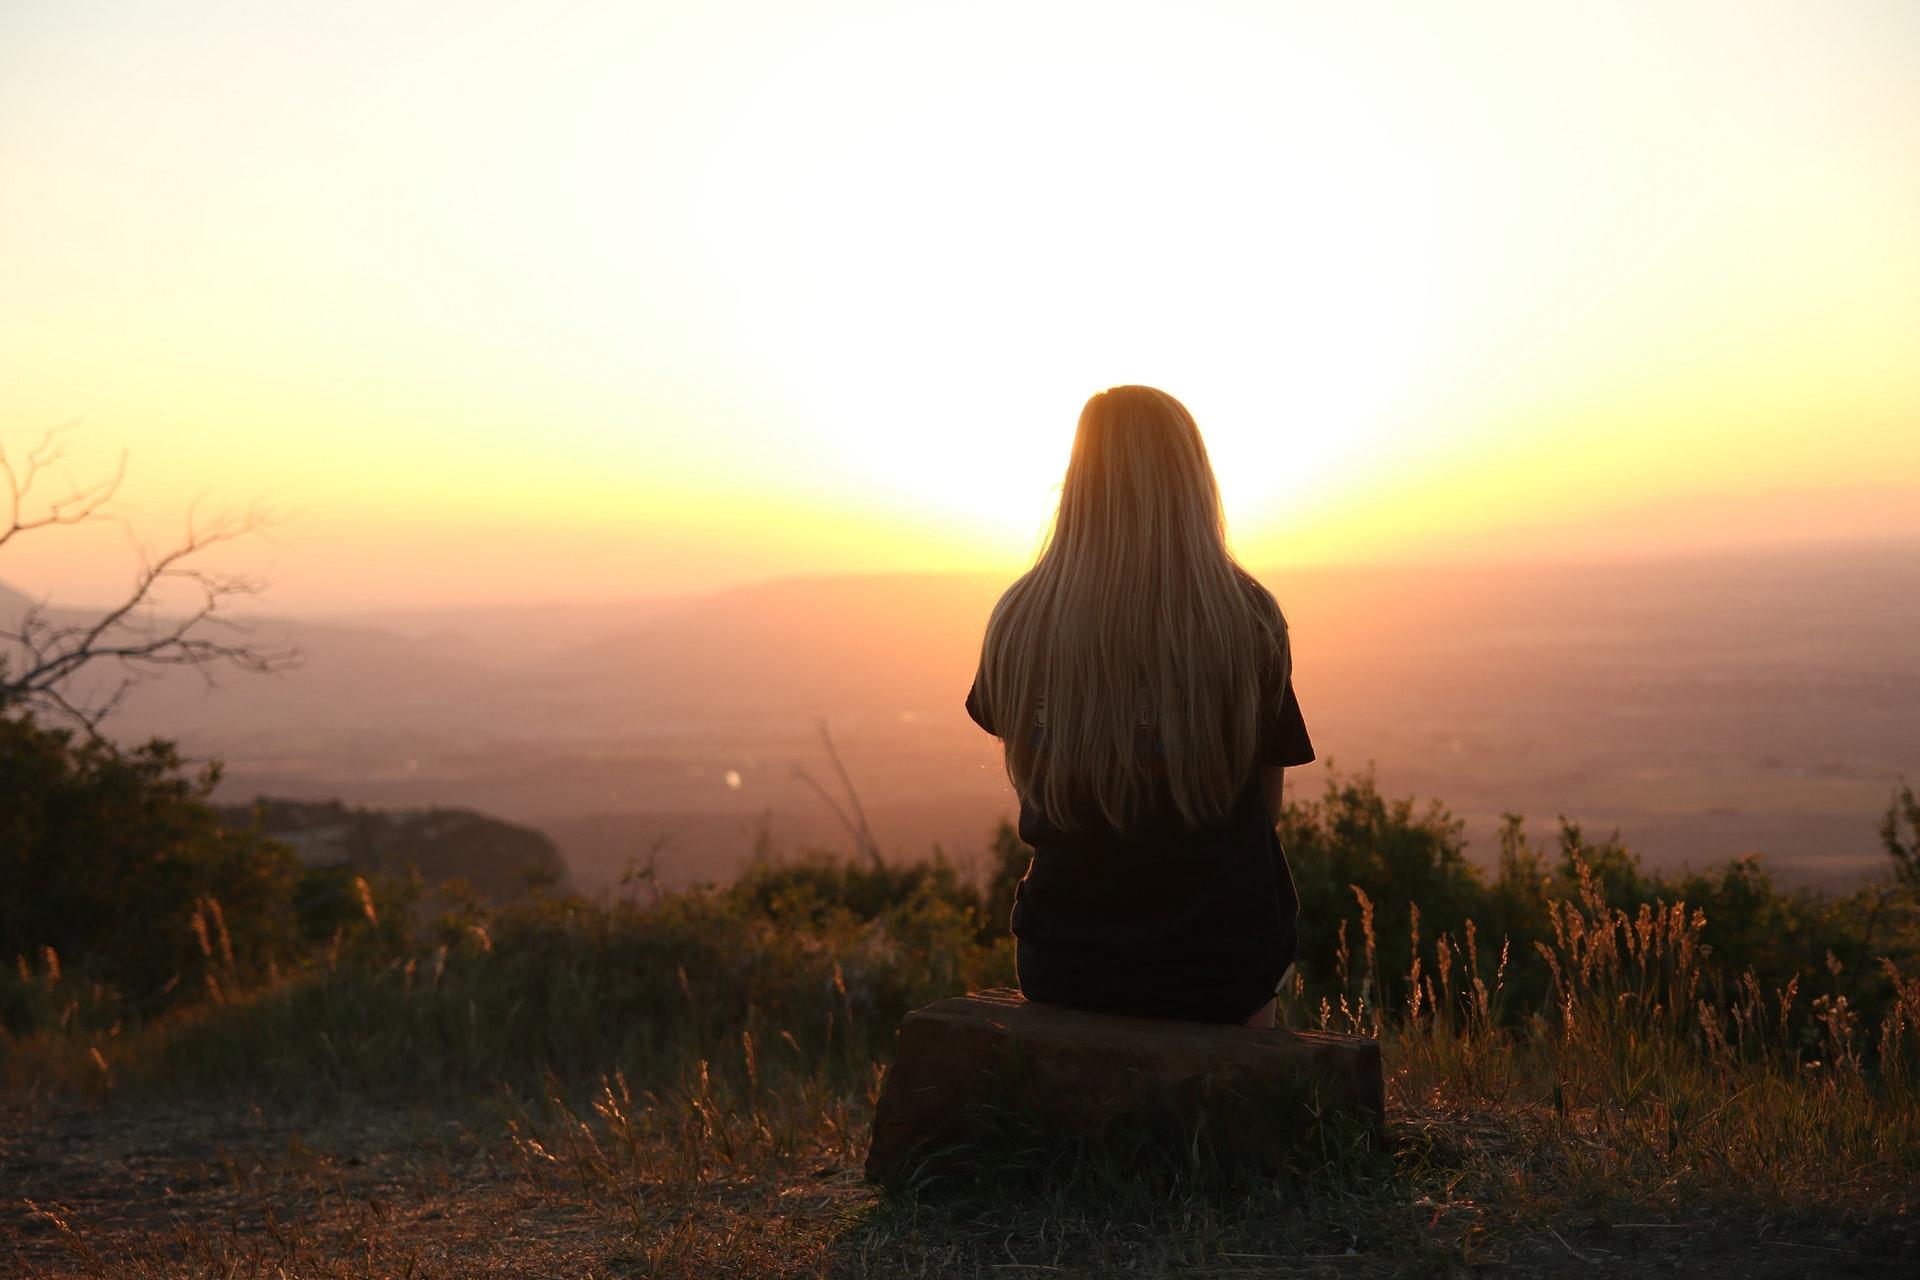 Lakukan 6 Langkah Mewujudkan Resolusi Tahun Baru (3) - 4 Cara Menjadi Orang yang Lebih Baik Lagi